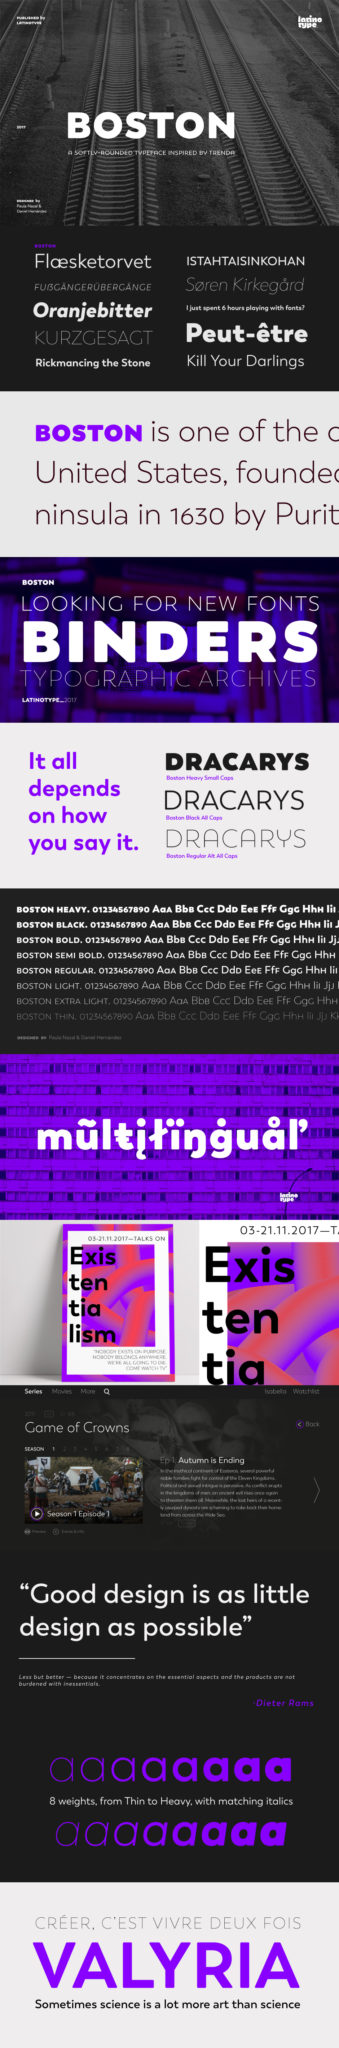 october-fonts-2017-c3